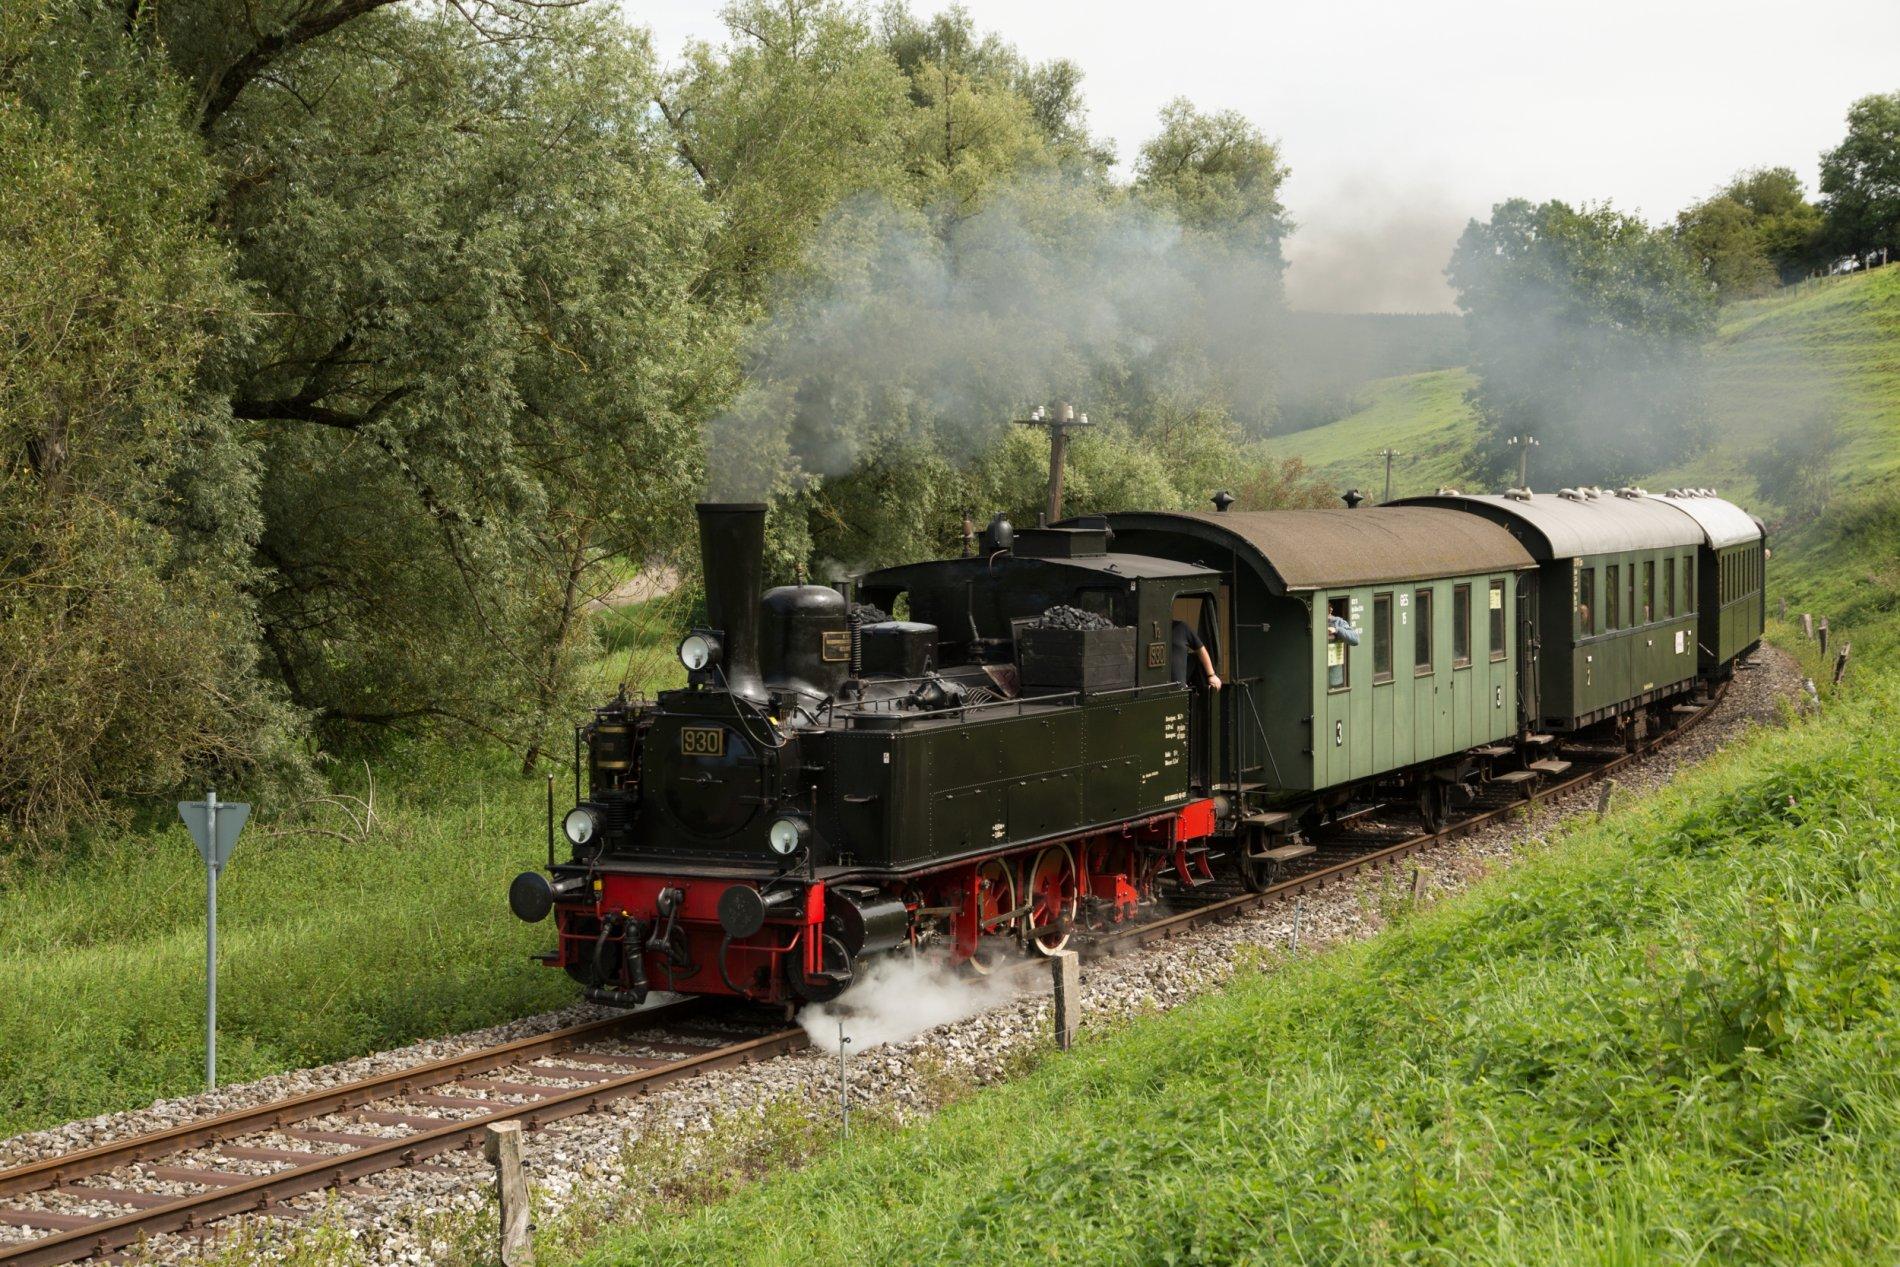 Eine Person schaut aus dem Fahrenden Zug.